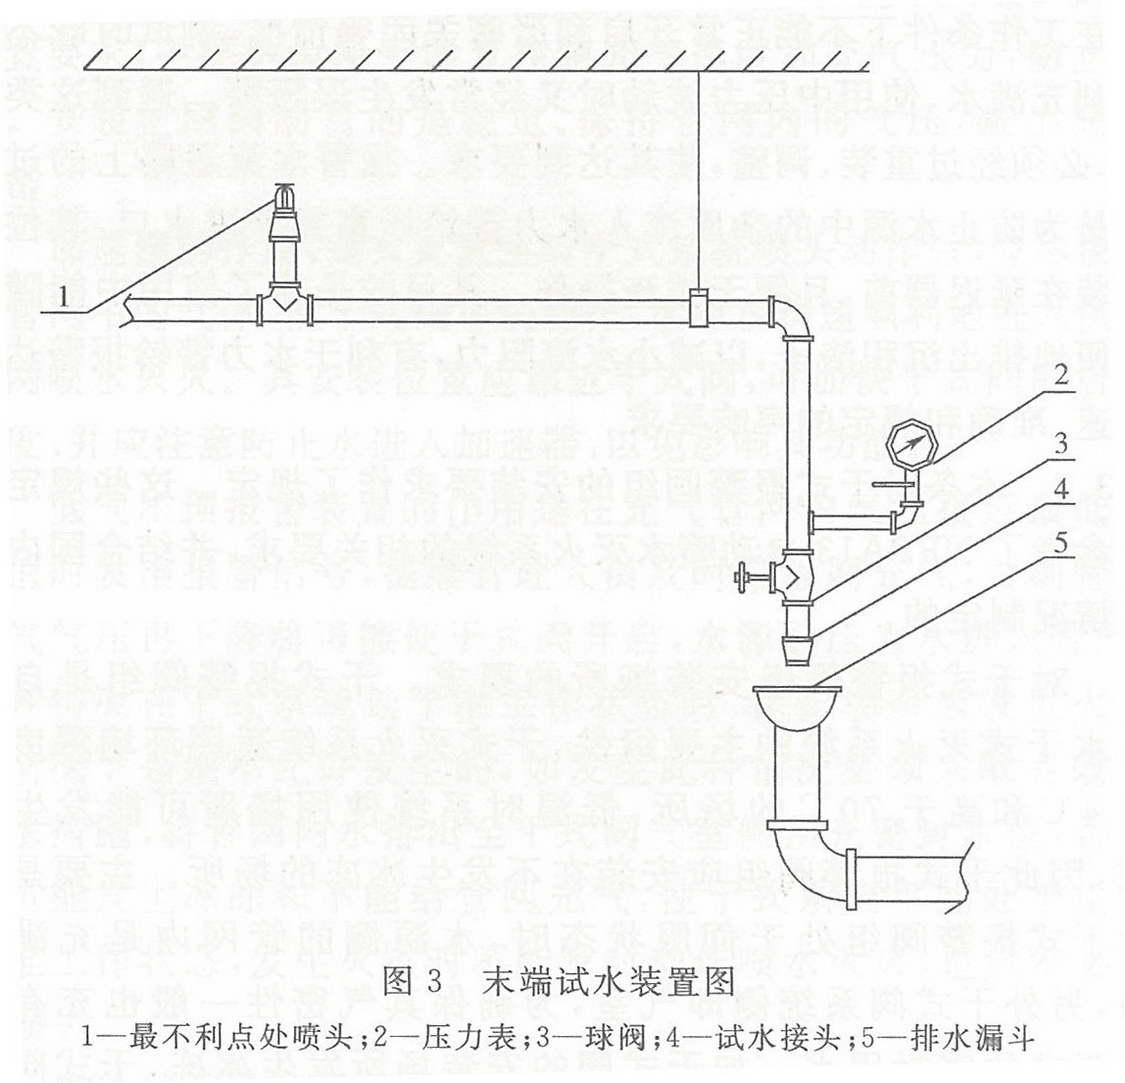 图3 末端试水装置图